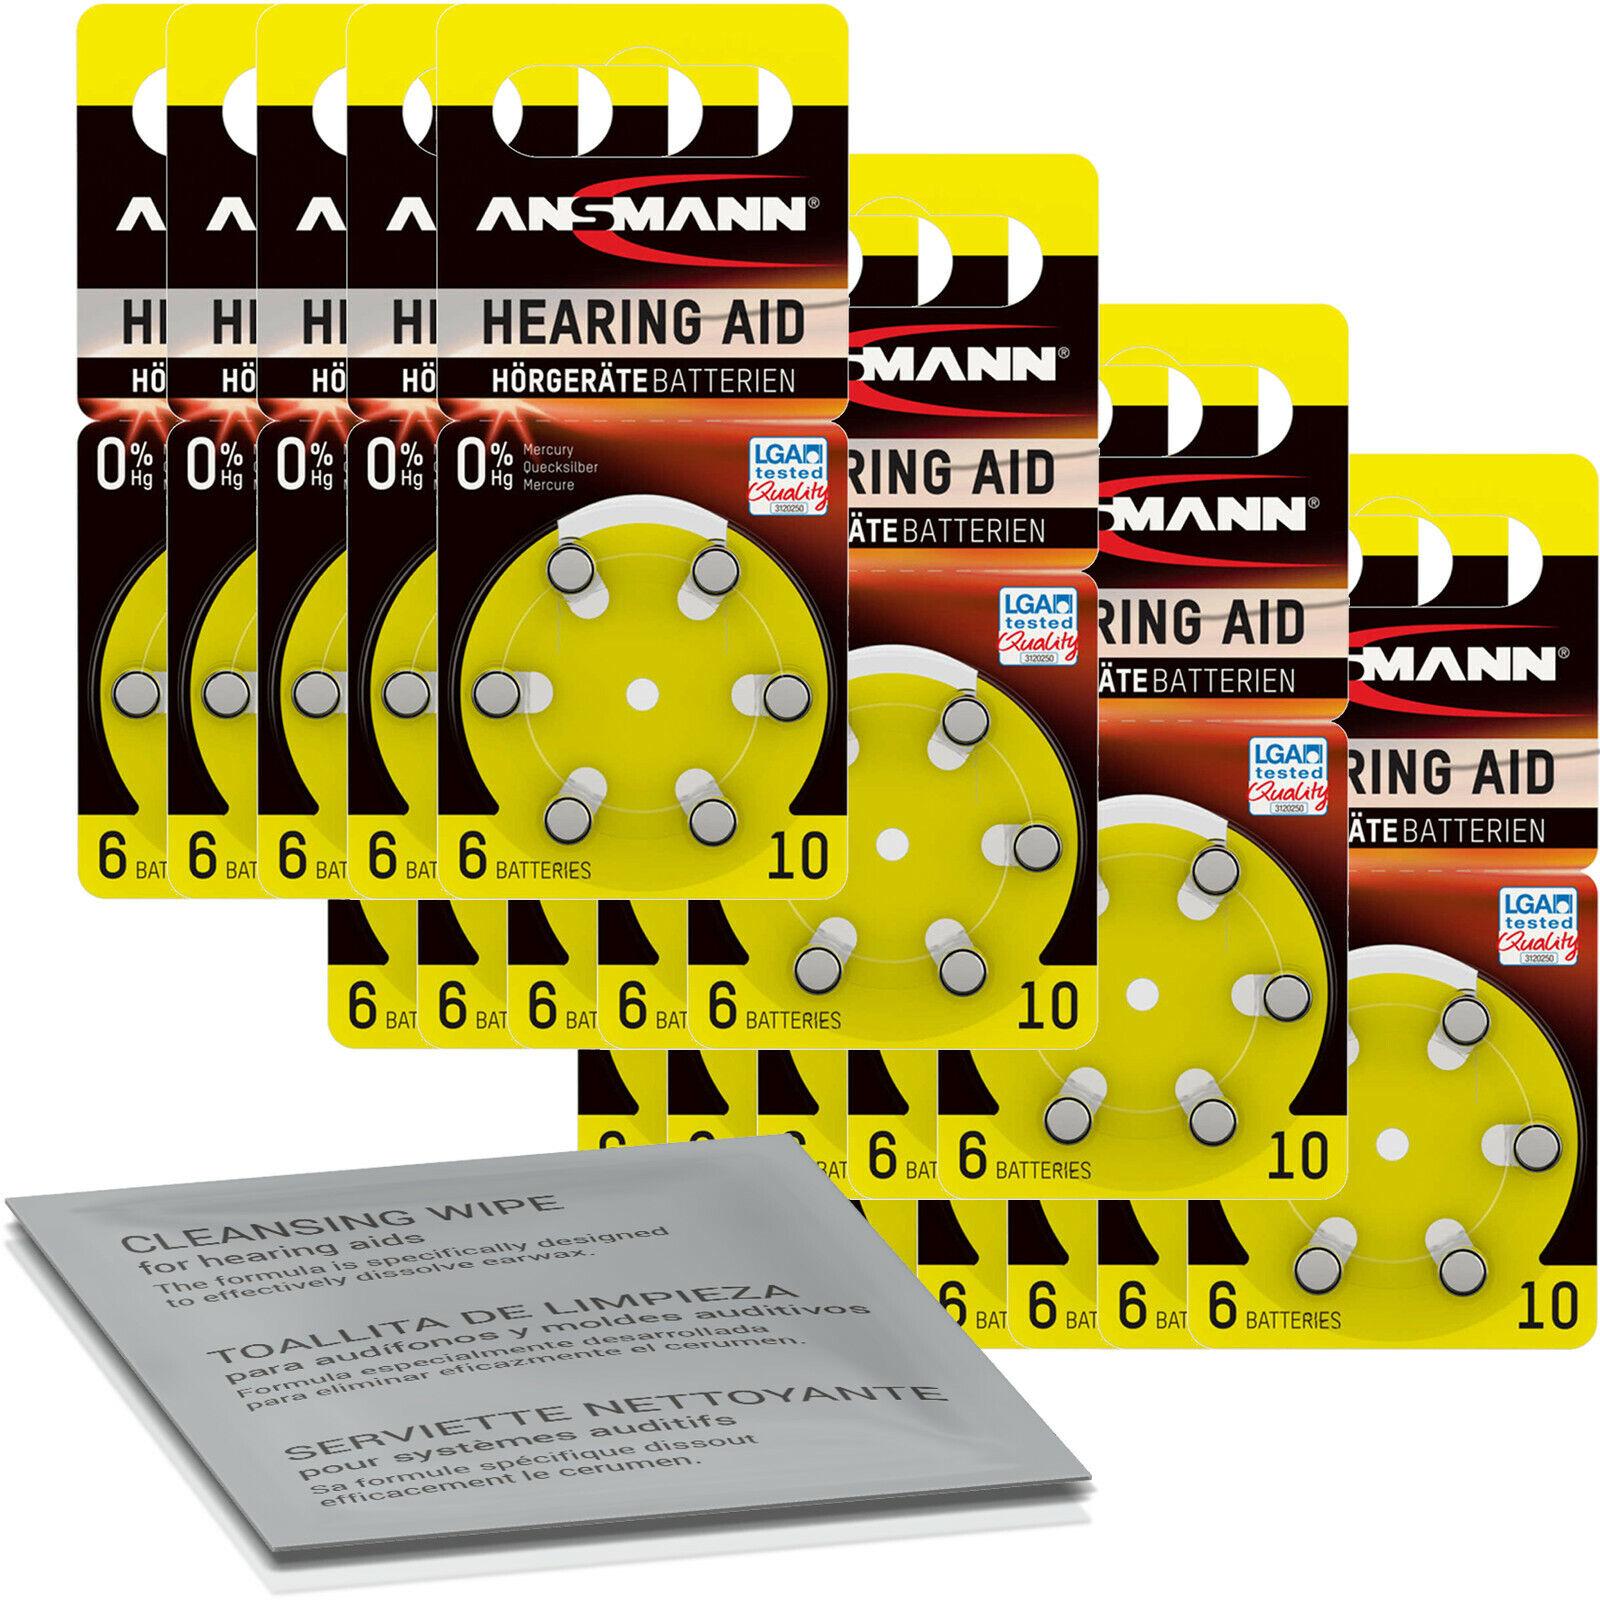 120x Ansmann Batteries Yellow PR70 10 (20x 6er Blister) + Cleaning Cloth